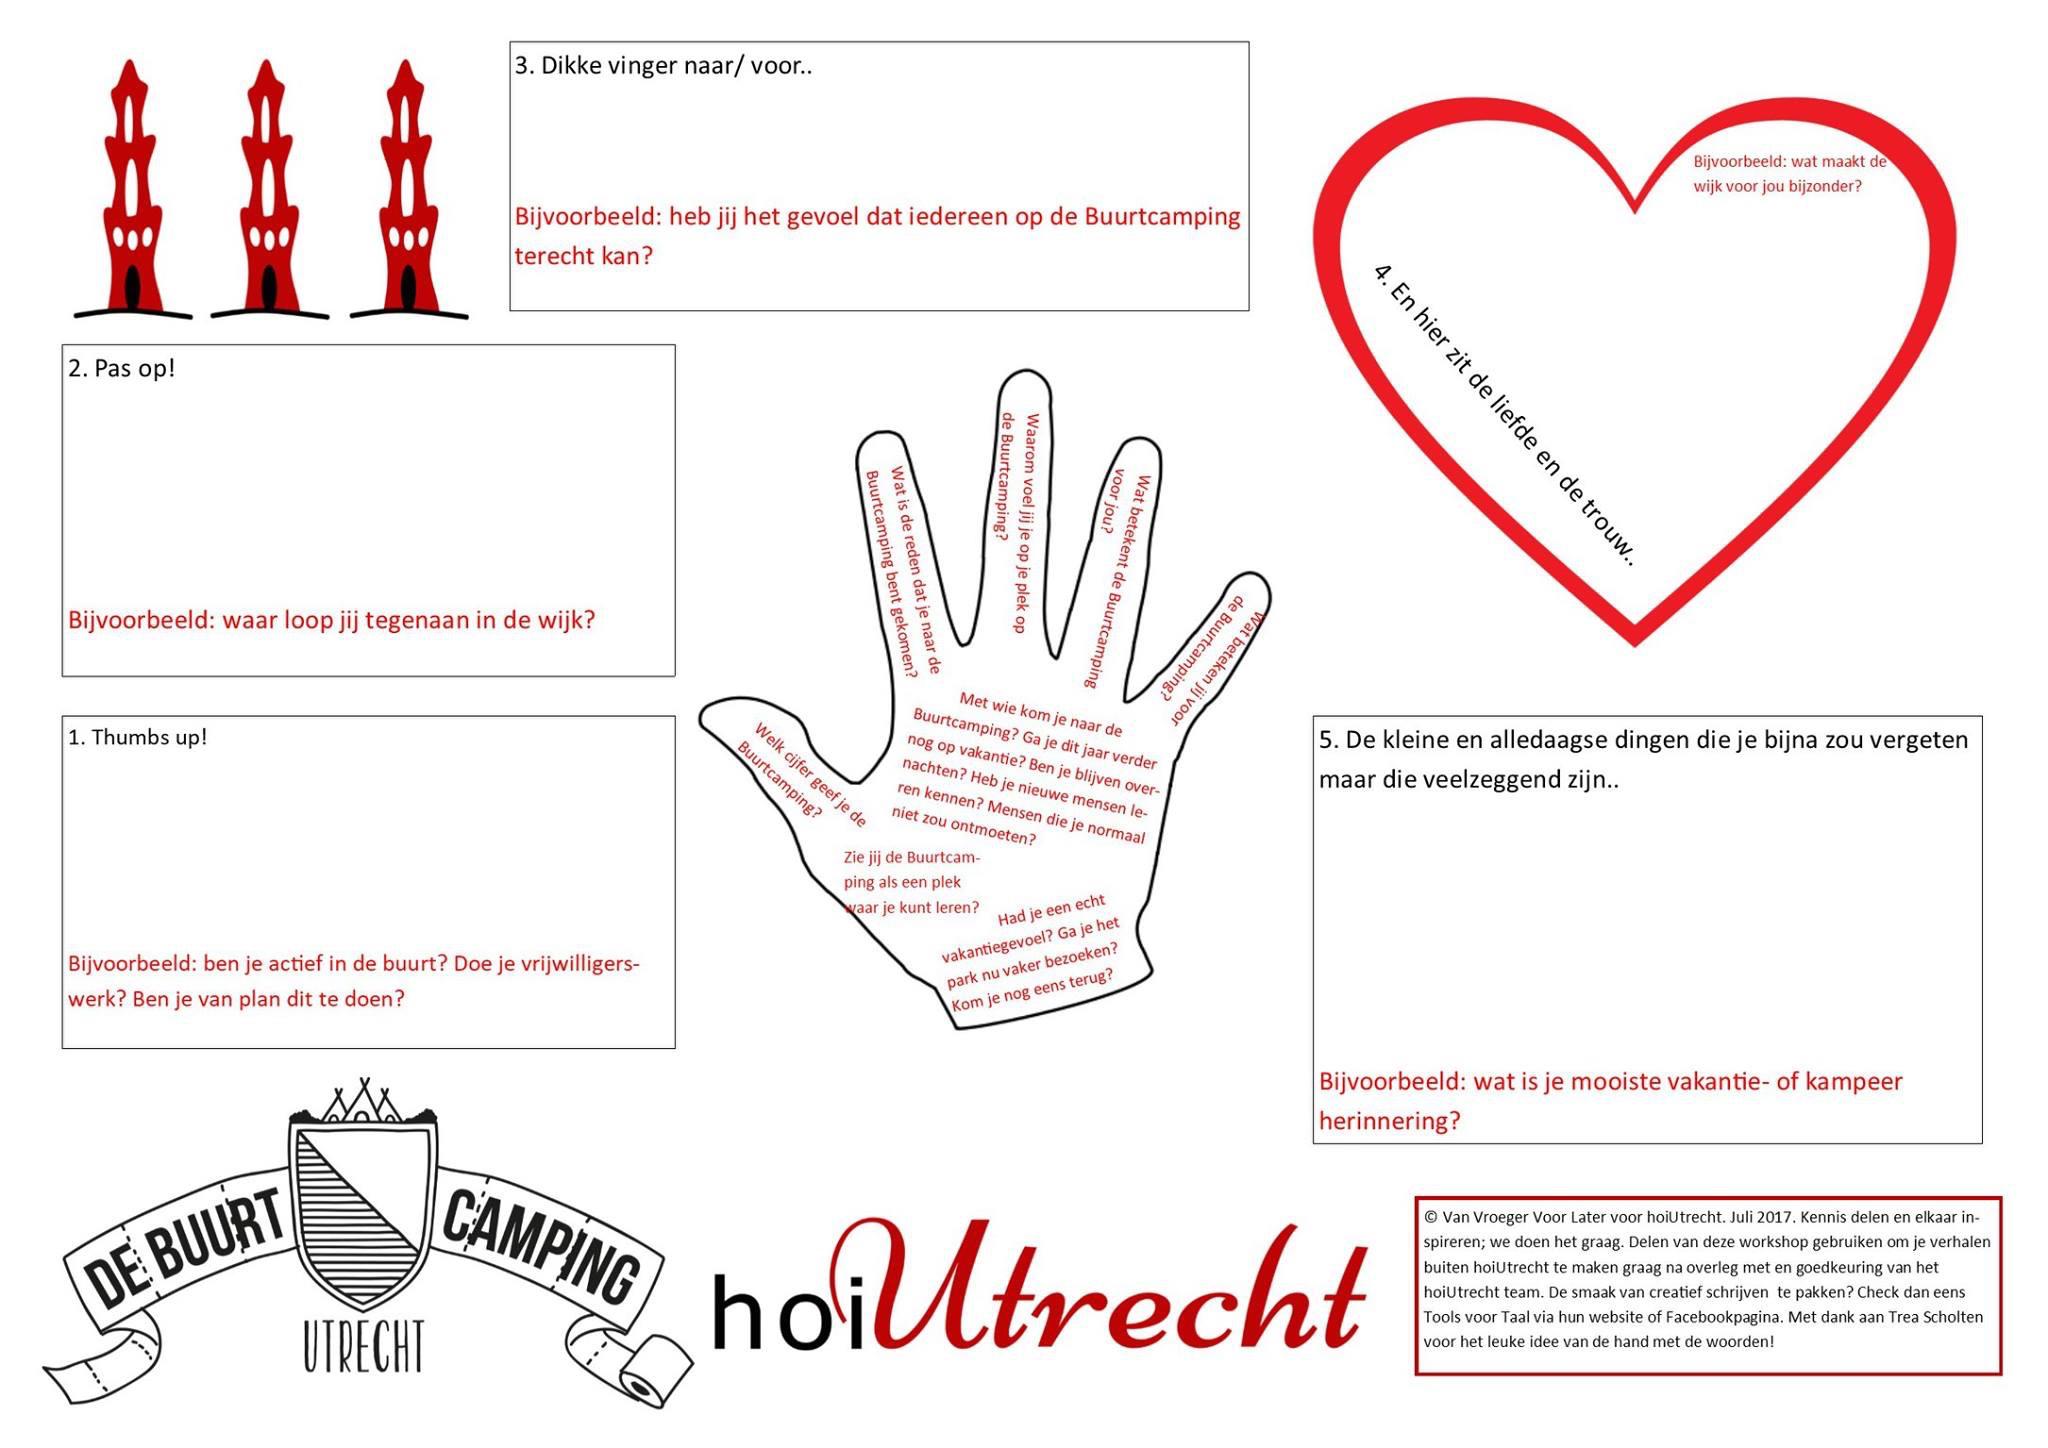 VerhalenWorkshop hoiUtrecht Buurtcamping werkblad